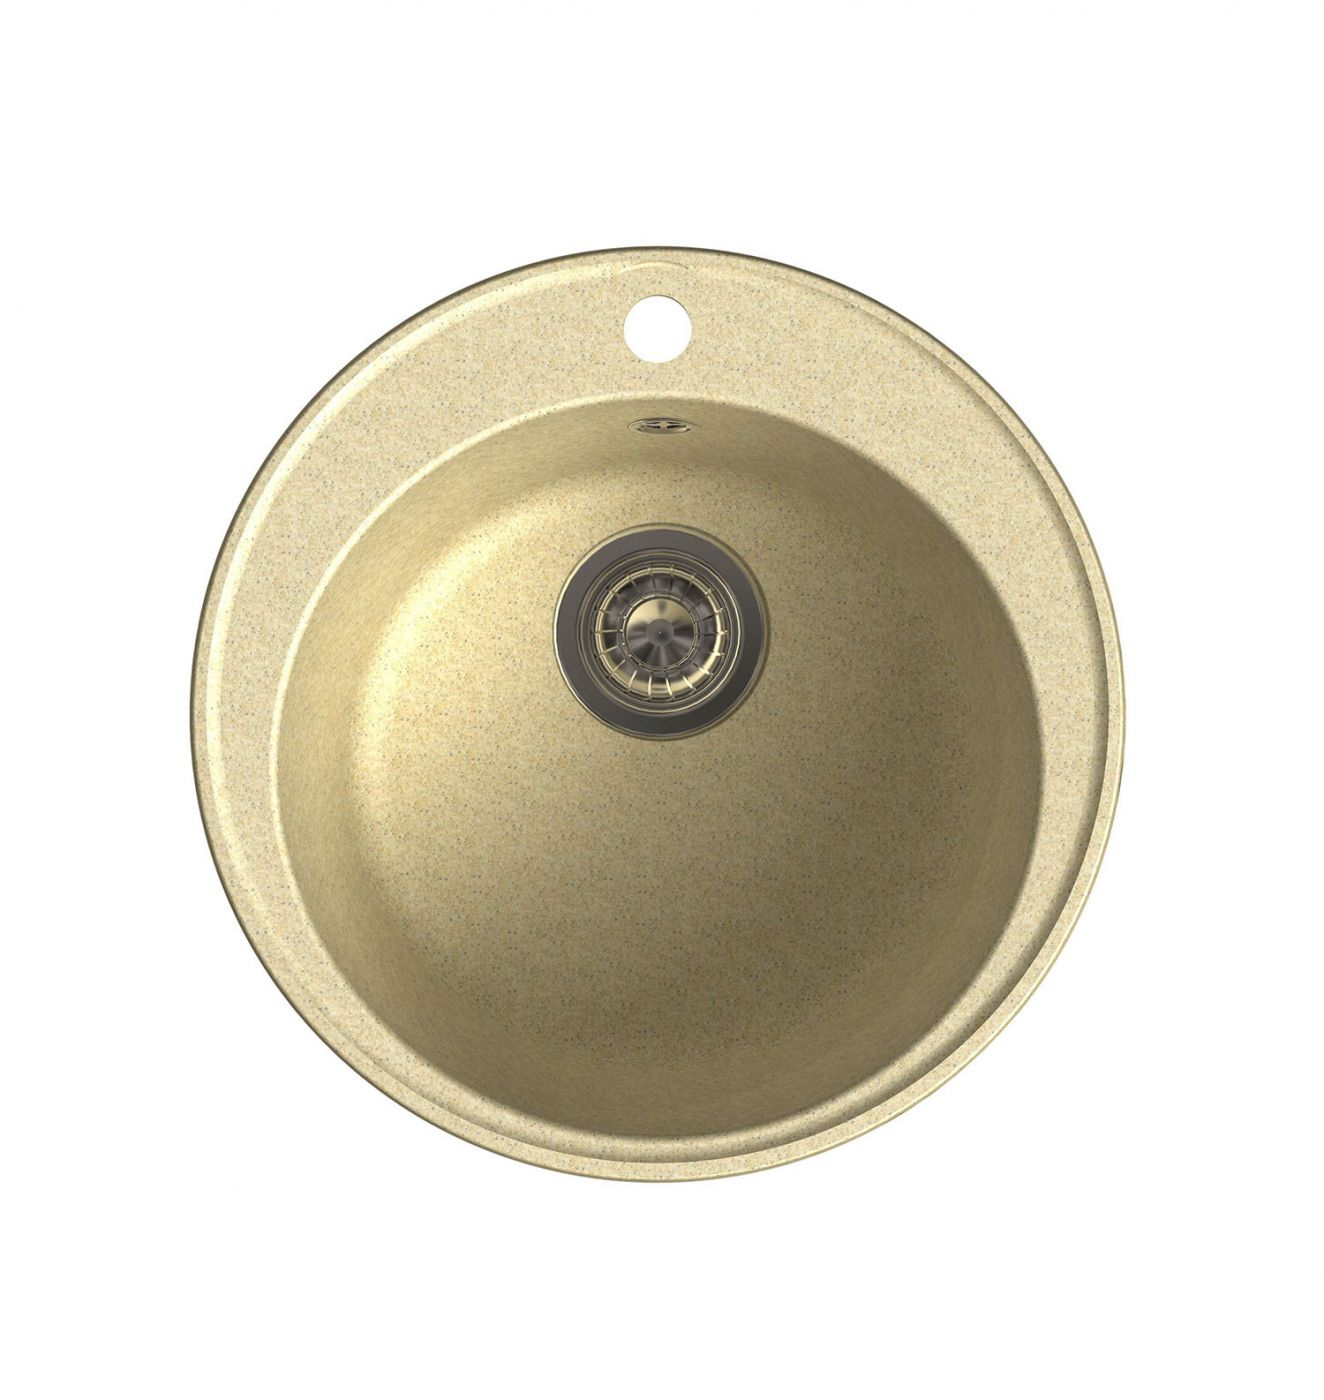 Врезная кухонная мойка LEX Lugano 480 Ivory  48х48см полимер RULE000004